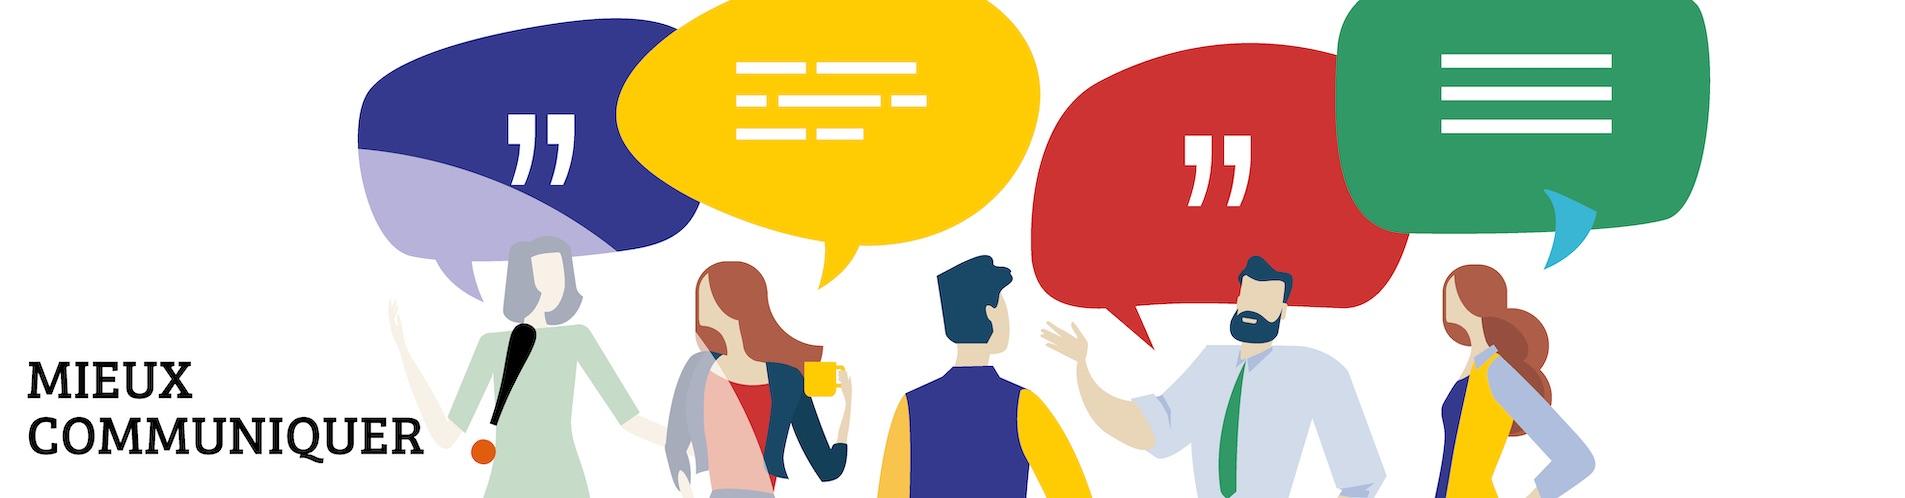 formation-mieux-communiquer-nantes-vendee